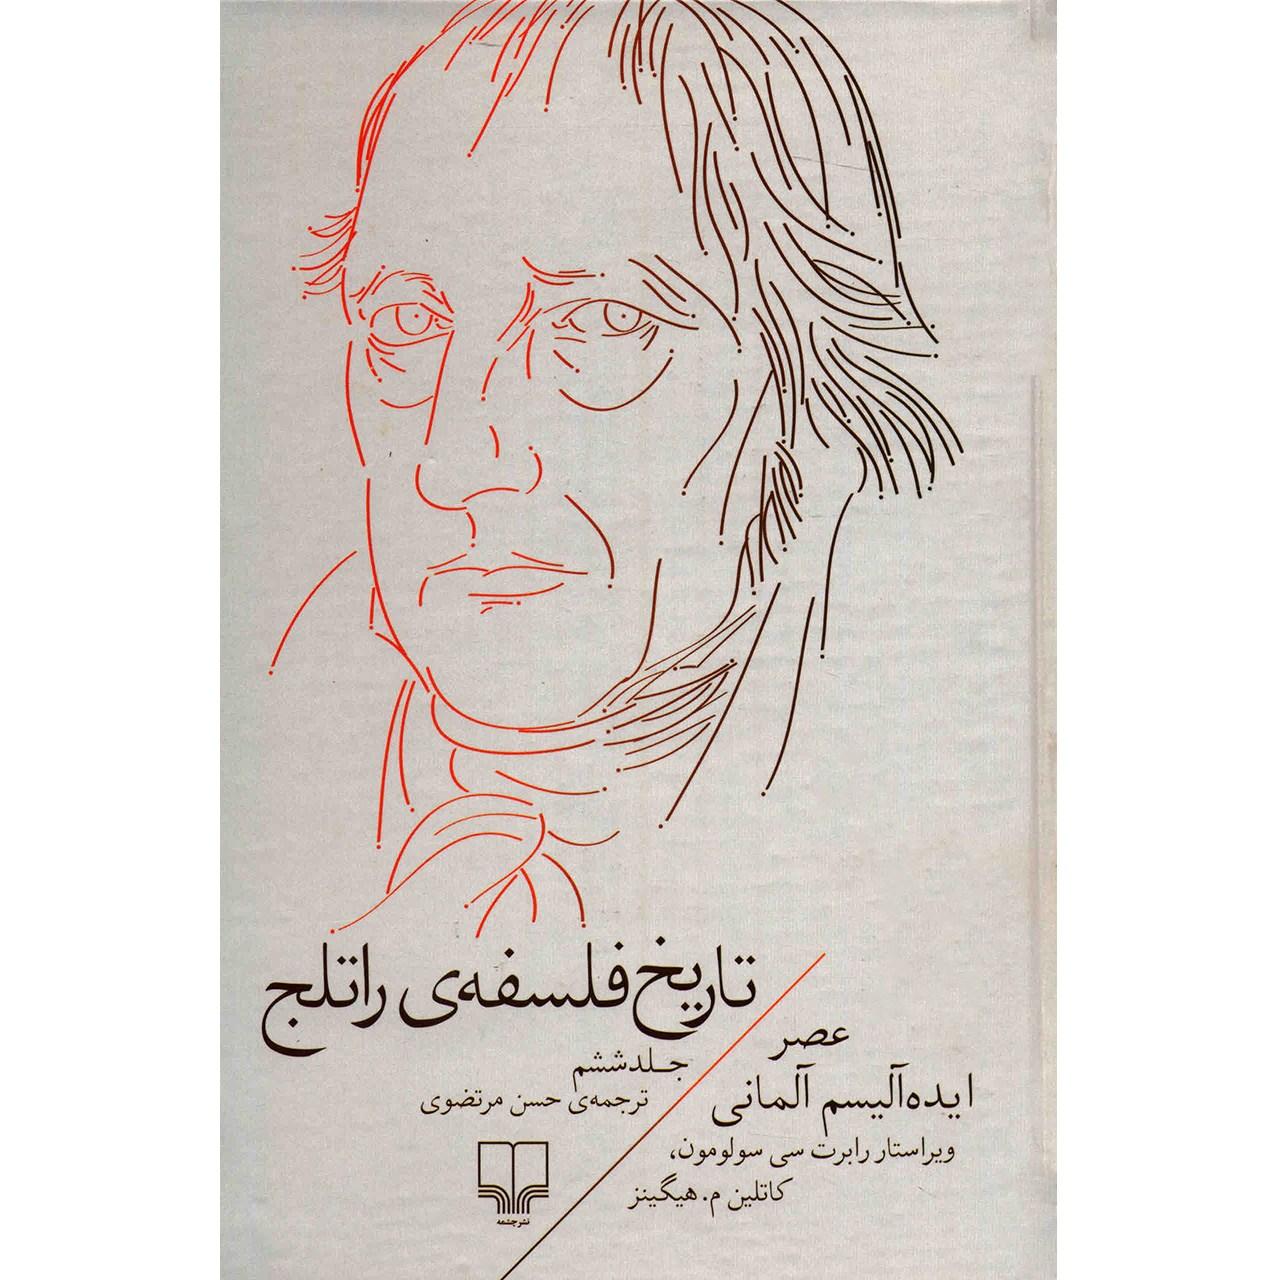 خرید                      کتاب تاریخ فلسفه ی راتلج اثر رابرت سی سولومون - جلد ششم